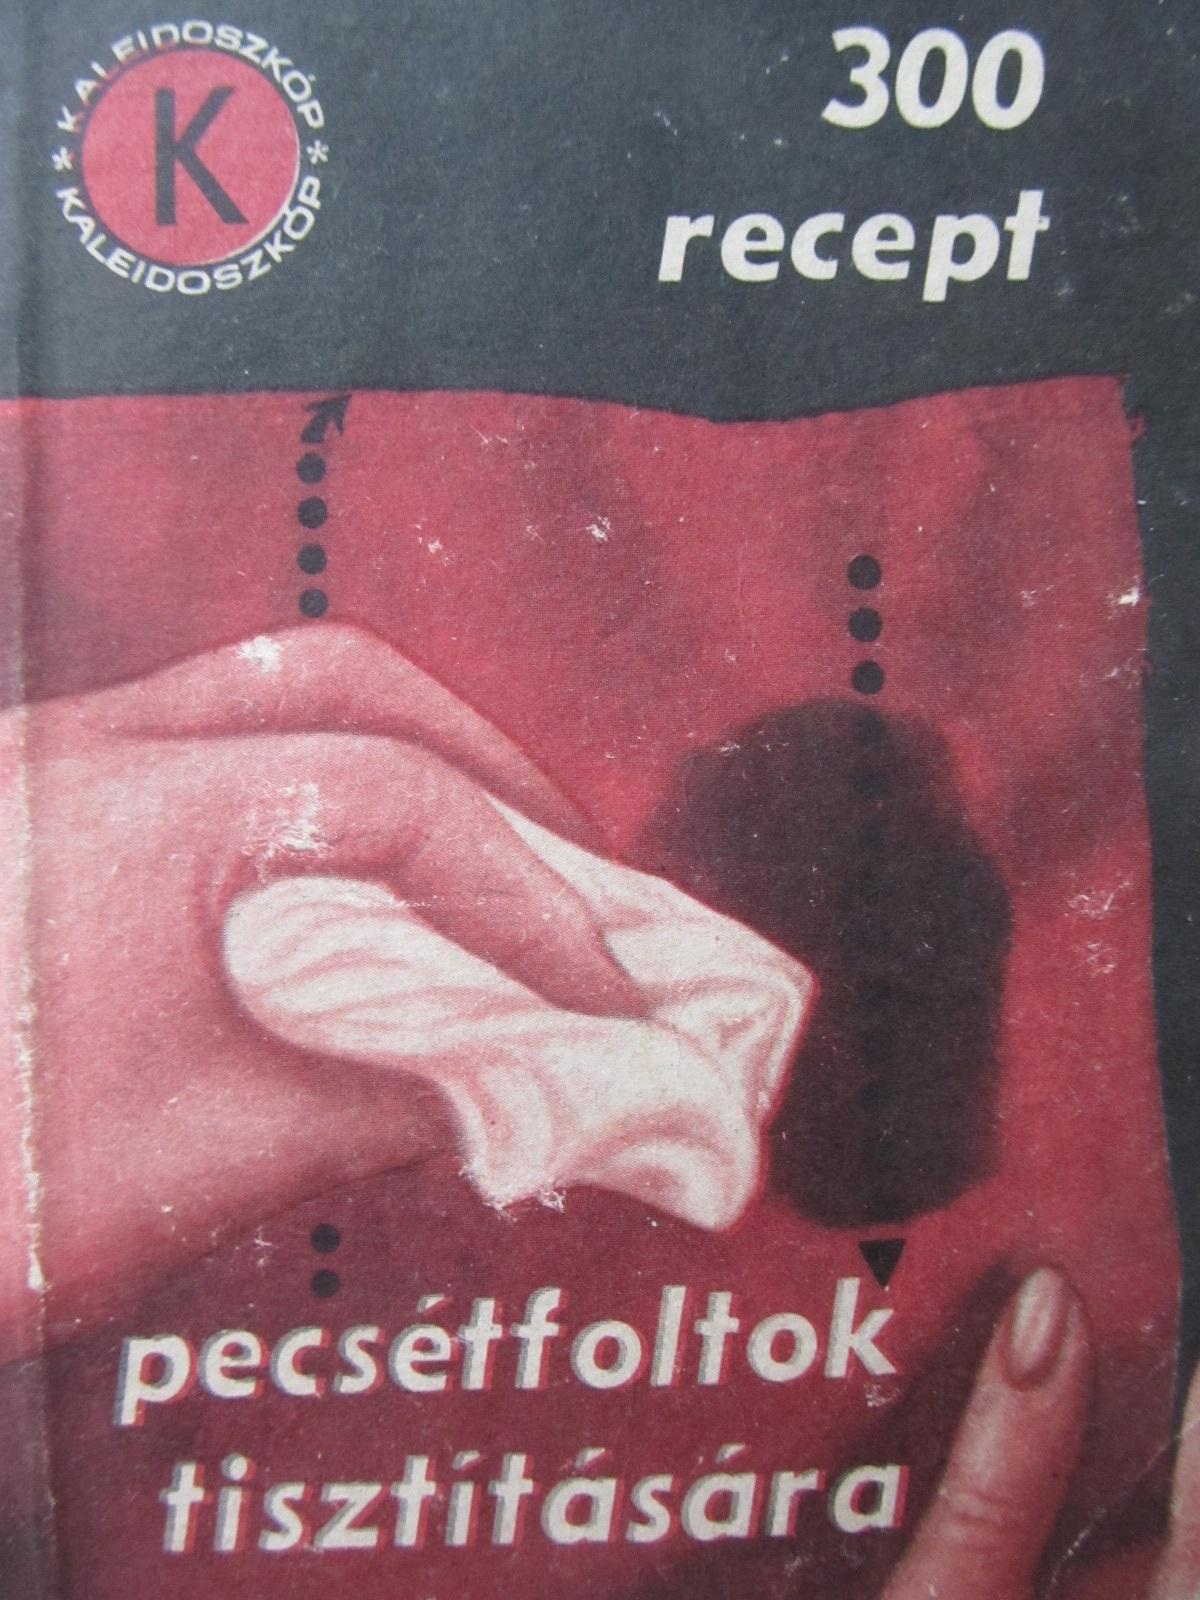 300 recept pecsetfoltok tisztitasara (1) - I. T. Predescu | Detalii carte